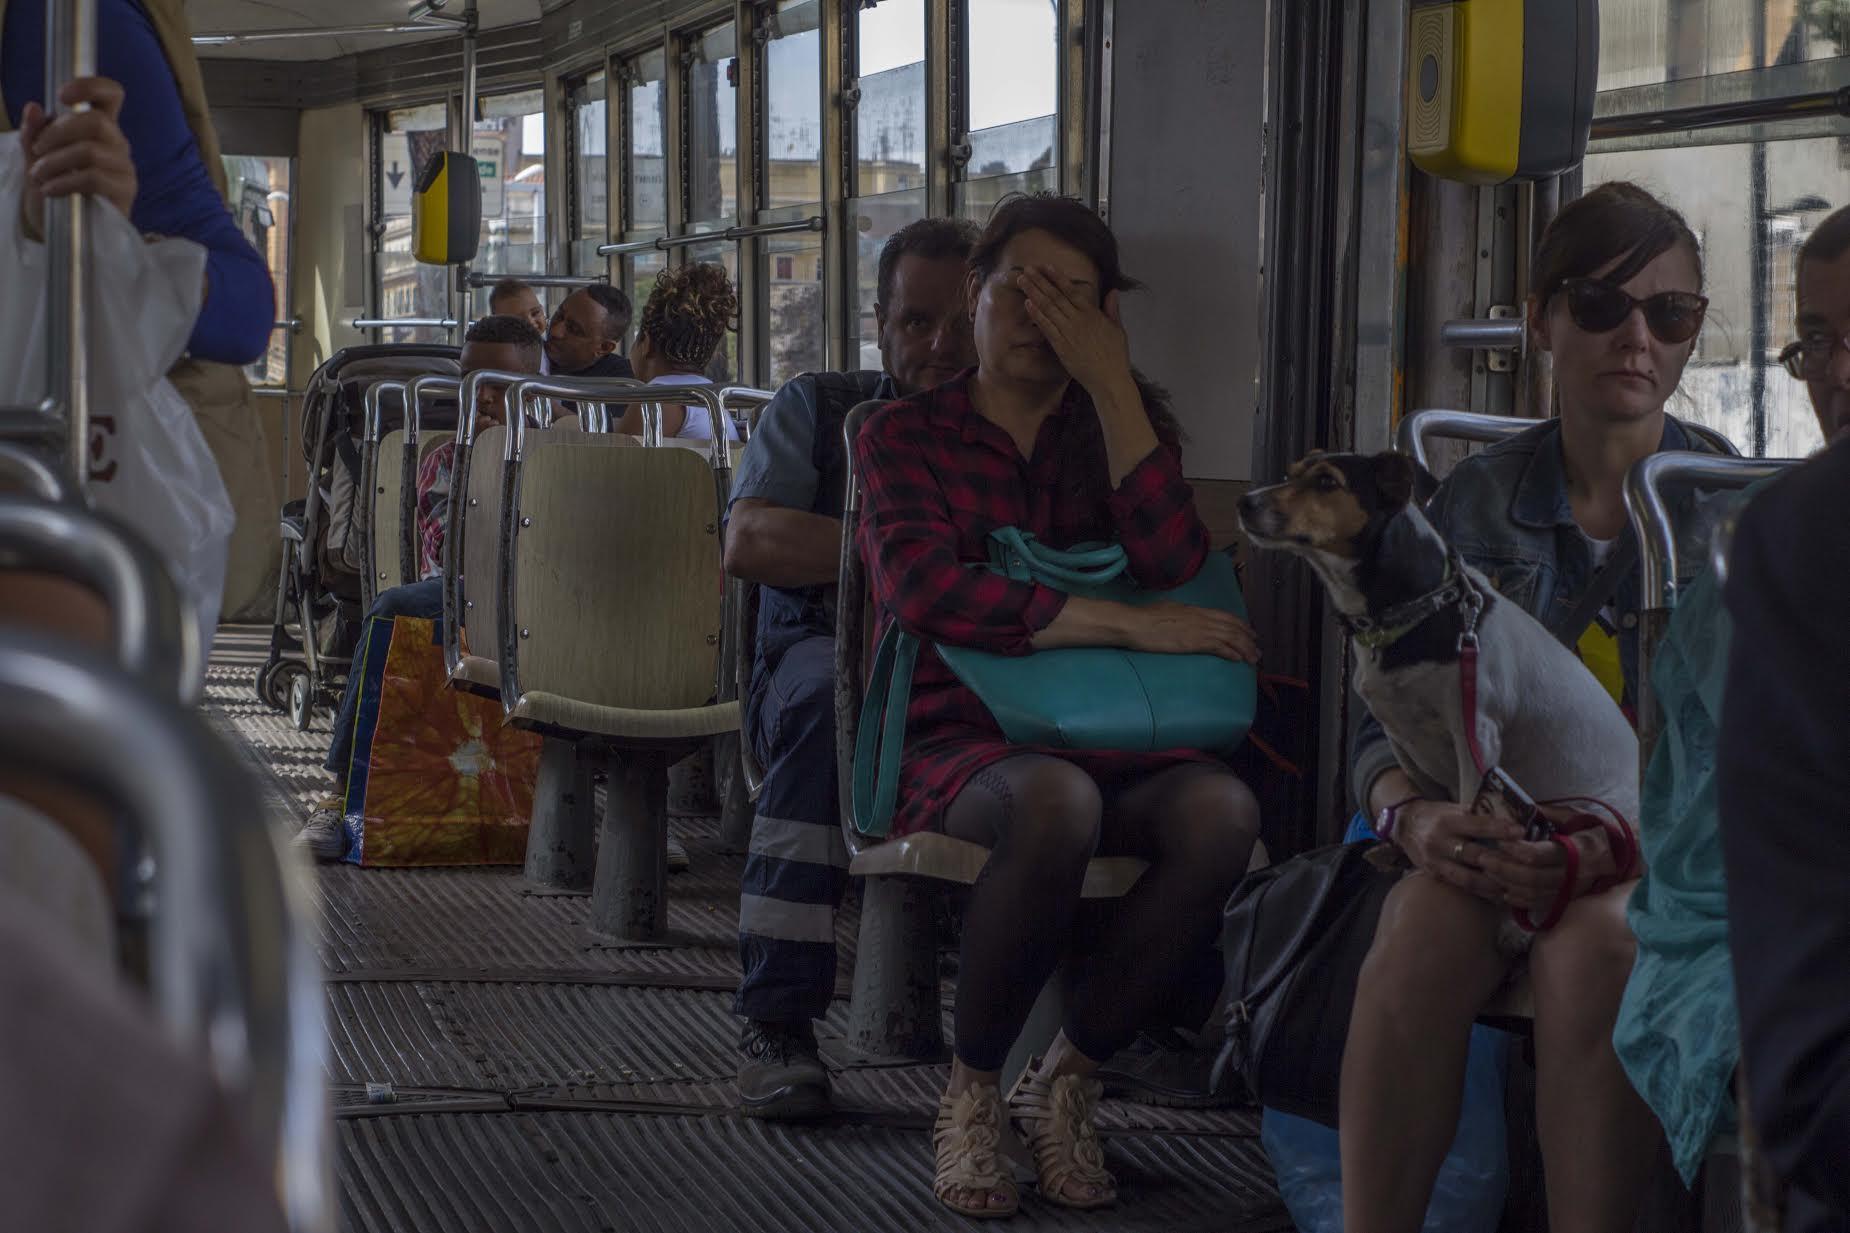 Fotografia di strada Roma - tram 14 tra piazzale prenestino e largo preneste